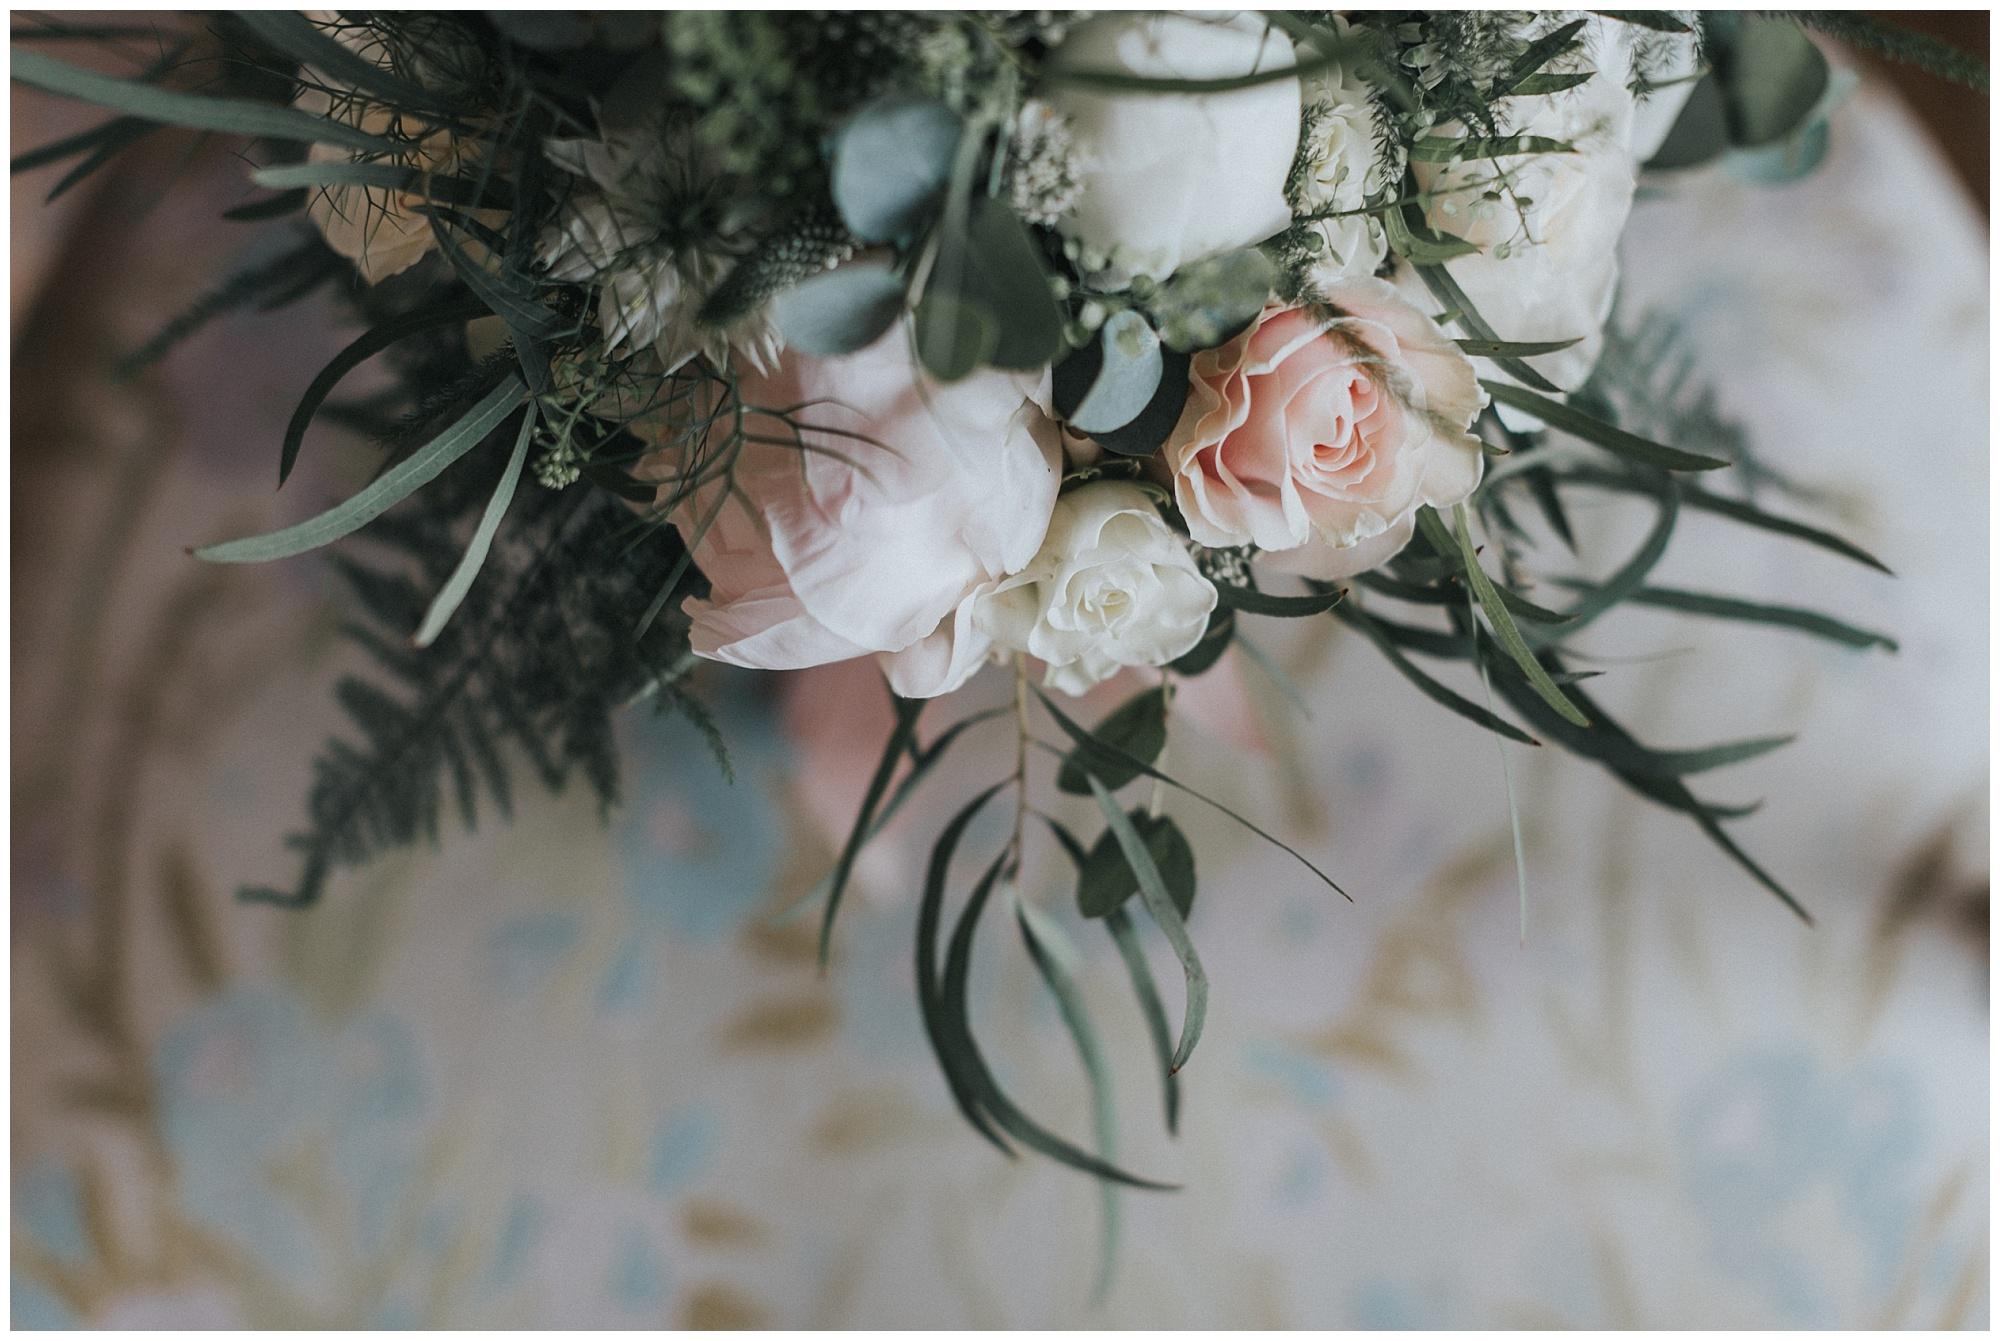 Kateryna-photos-photographer-reims-domaine-des-evis-mariage-normandie-bouquet-de-fleurs